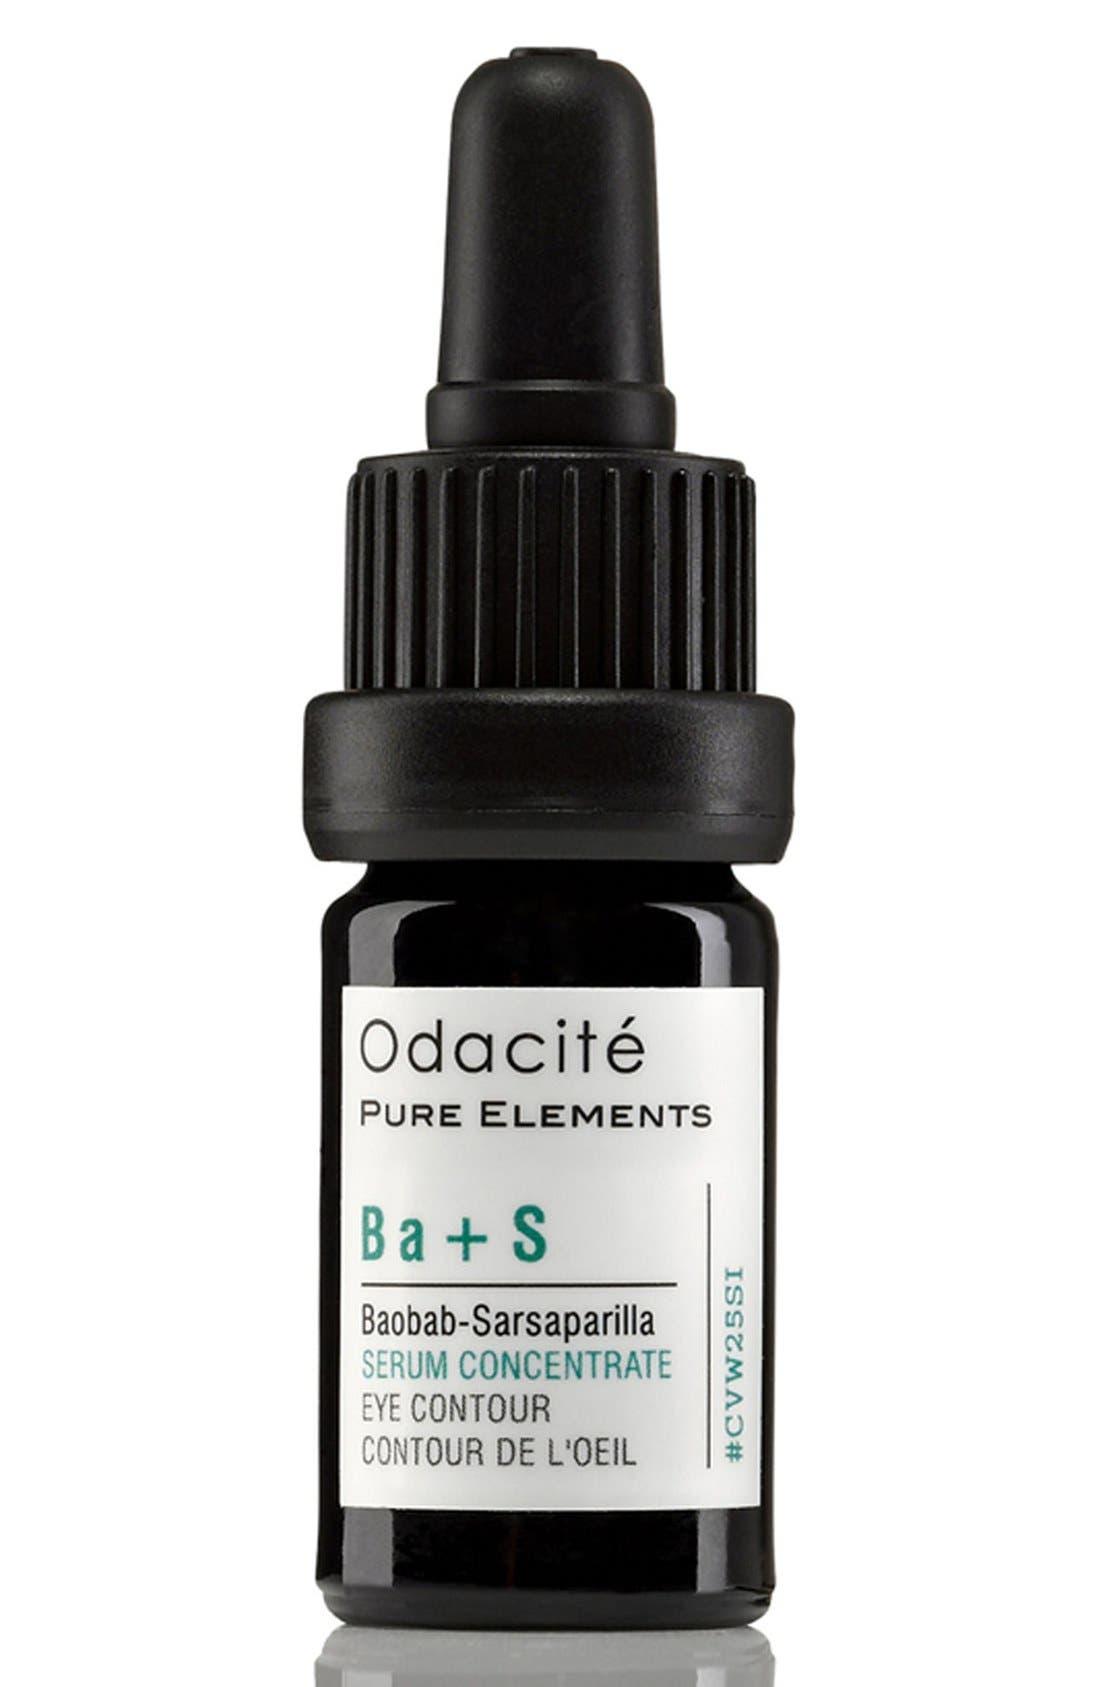 Odacité Ba + S Baobab-Sarsaparilla Eye Contour Serum Concentrate